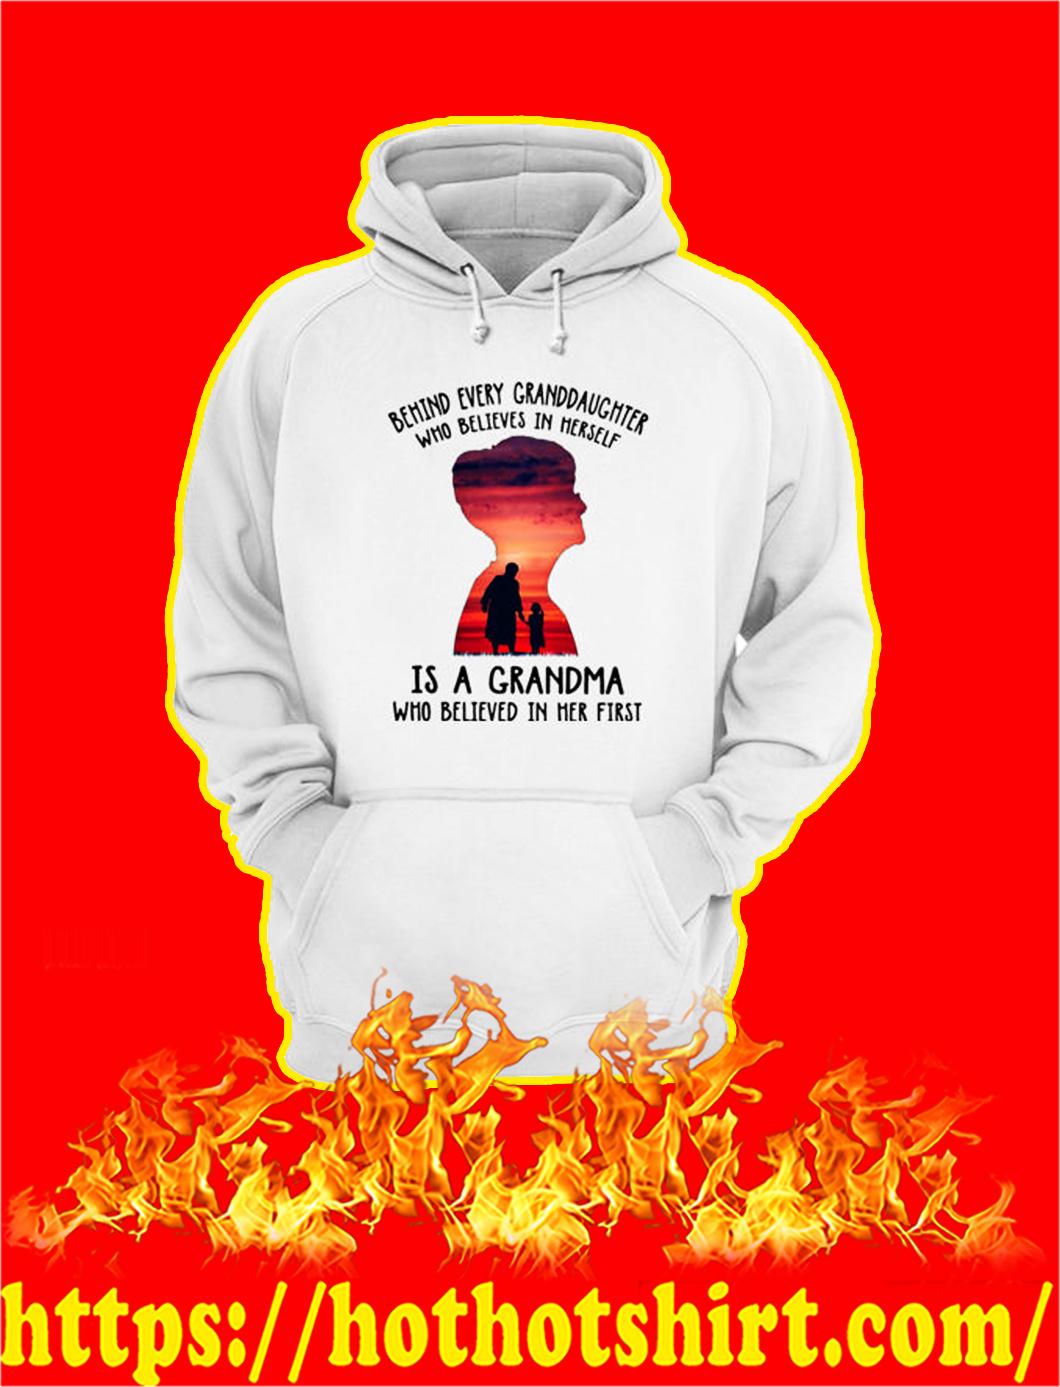 Behind Every Granddaughter Who Believes In Herself Is A Grandma hoodie